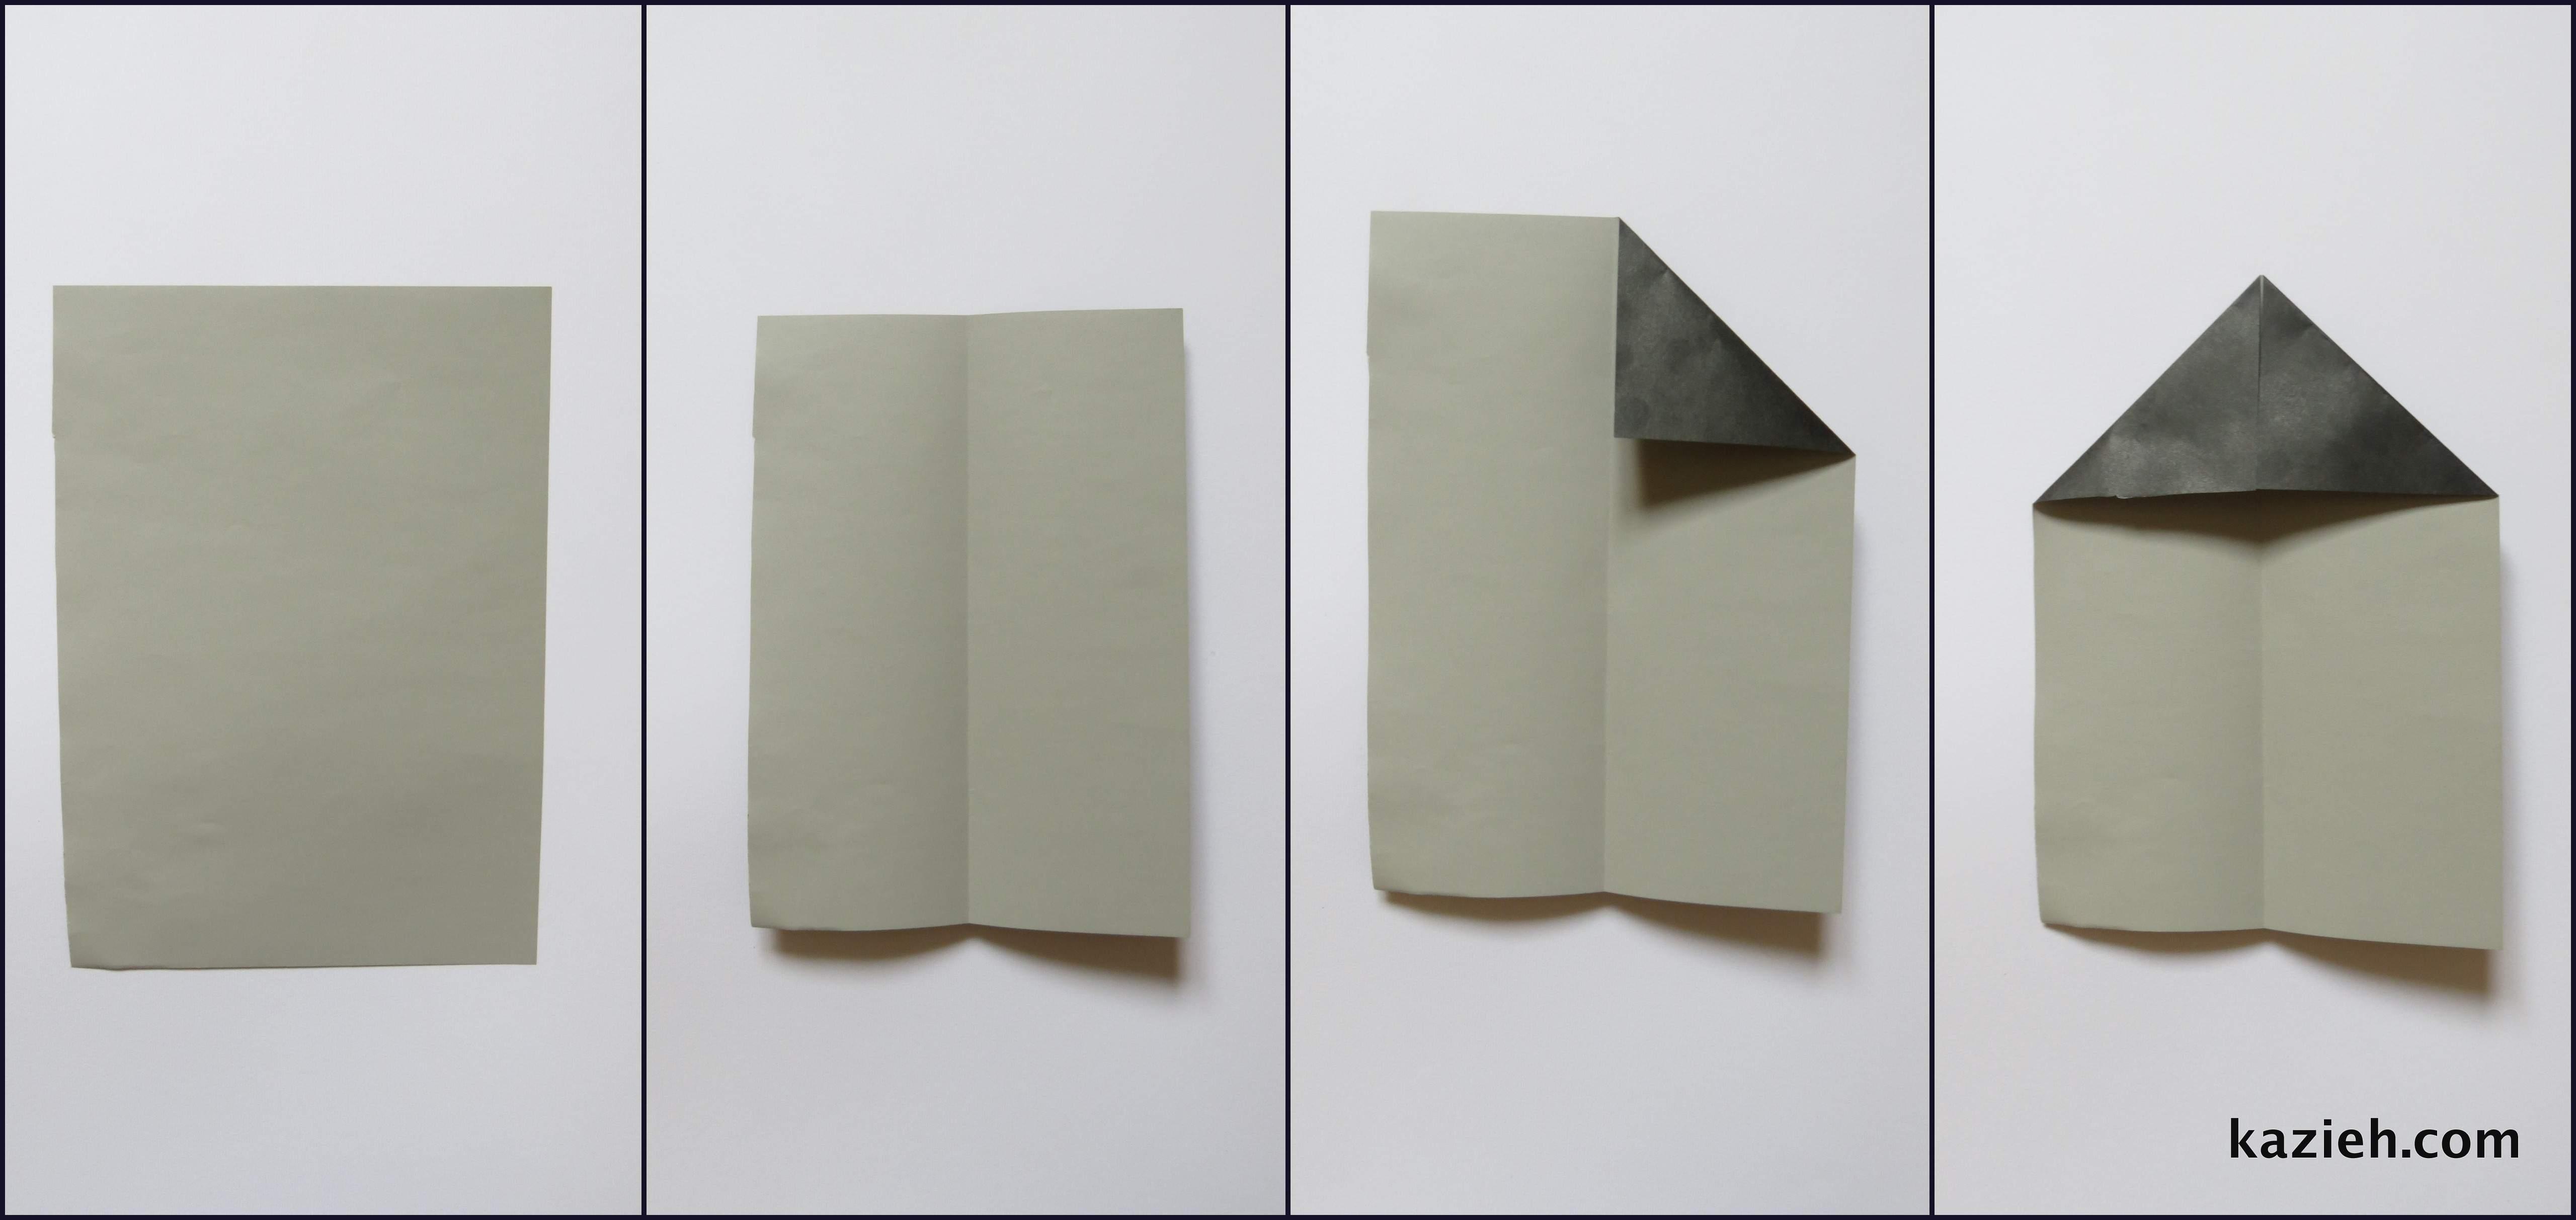 آموزش موشک کاغذی - مرحله اول - کازیه